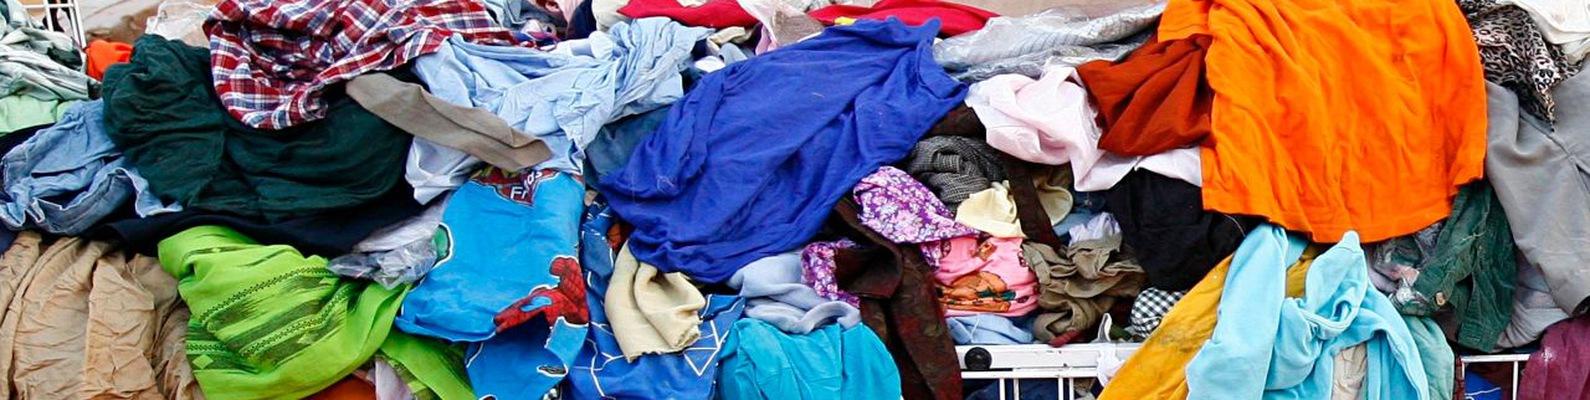 Картинки по запросу выброс старой одежды